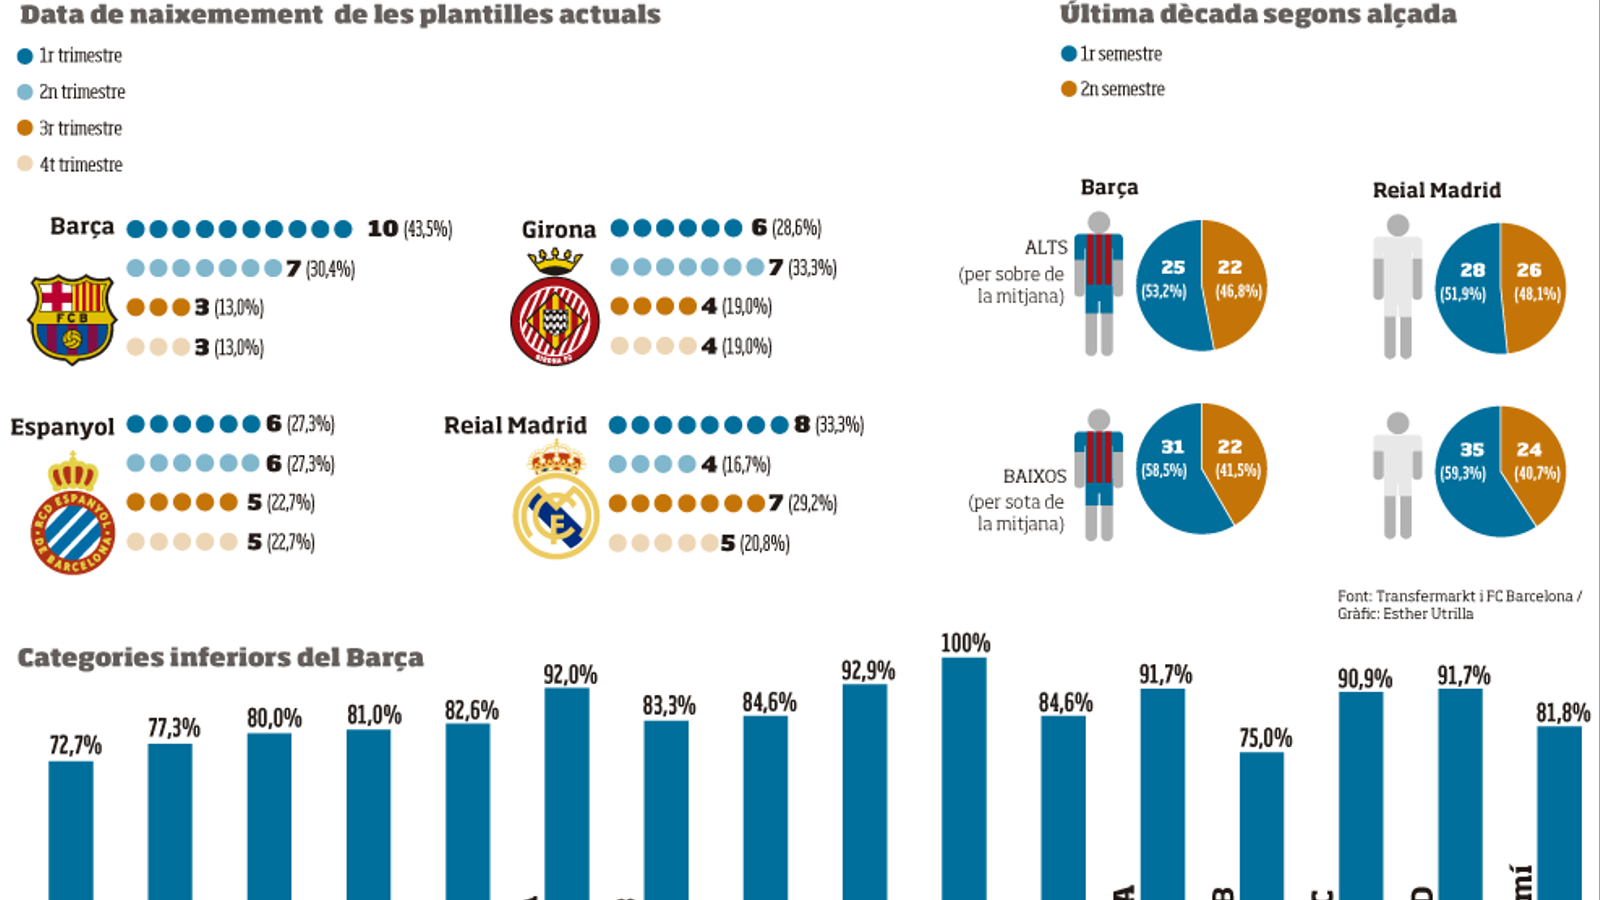 Data de naixement de les plantilles actuals de Barça, Girona, Espanyol i Madrid